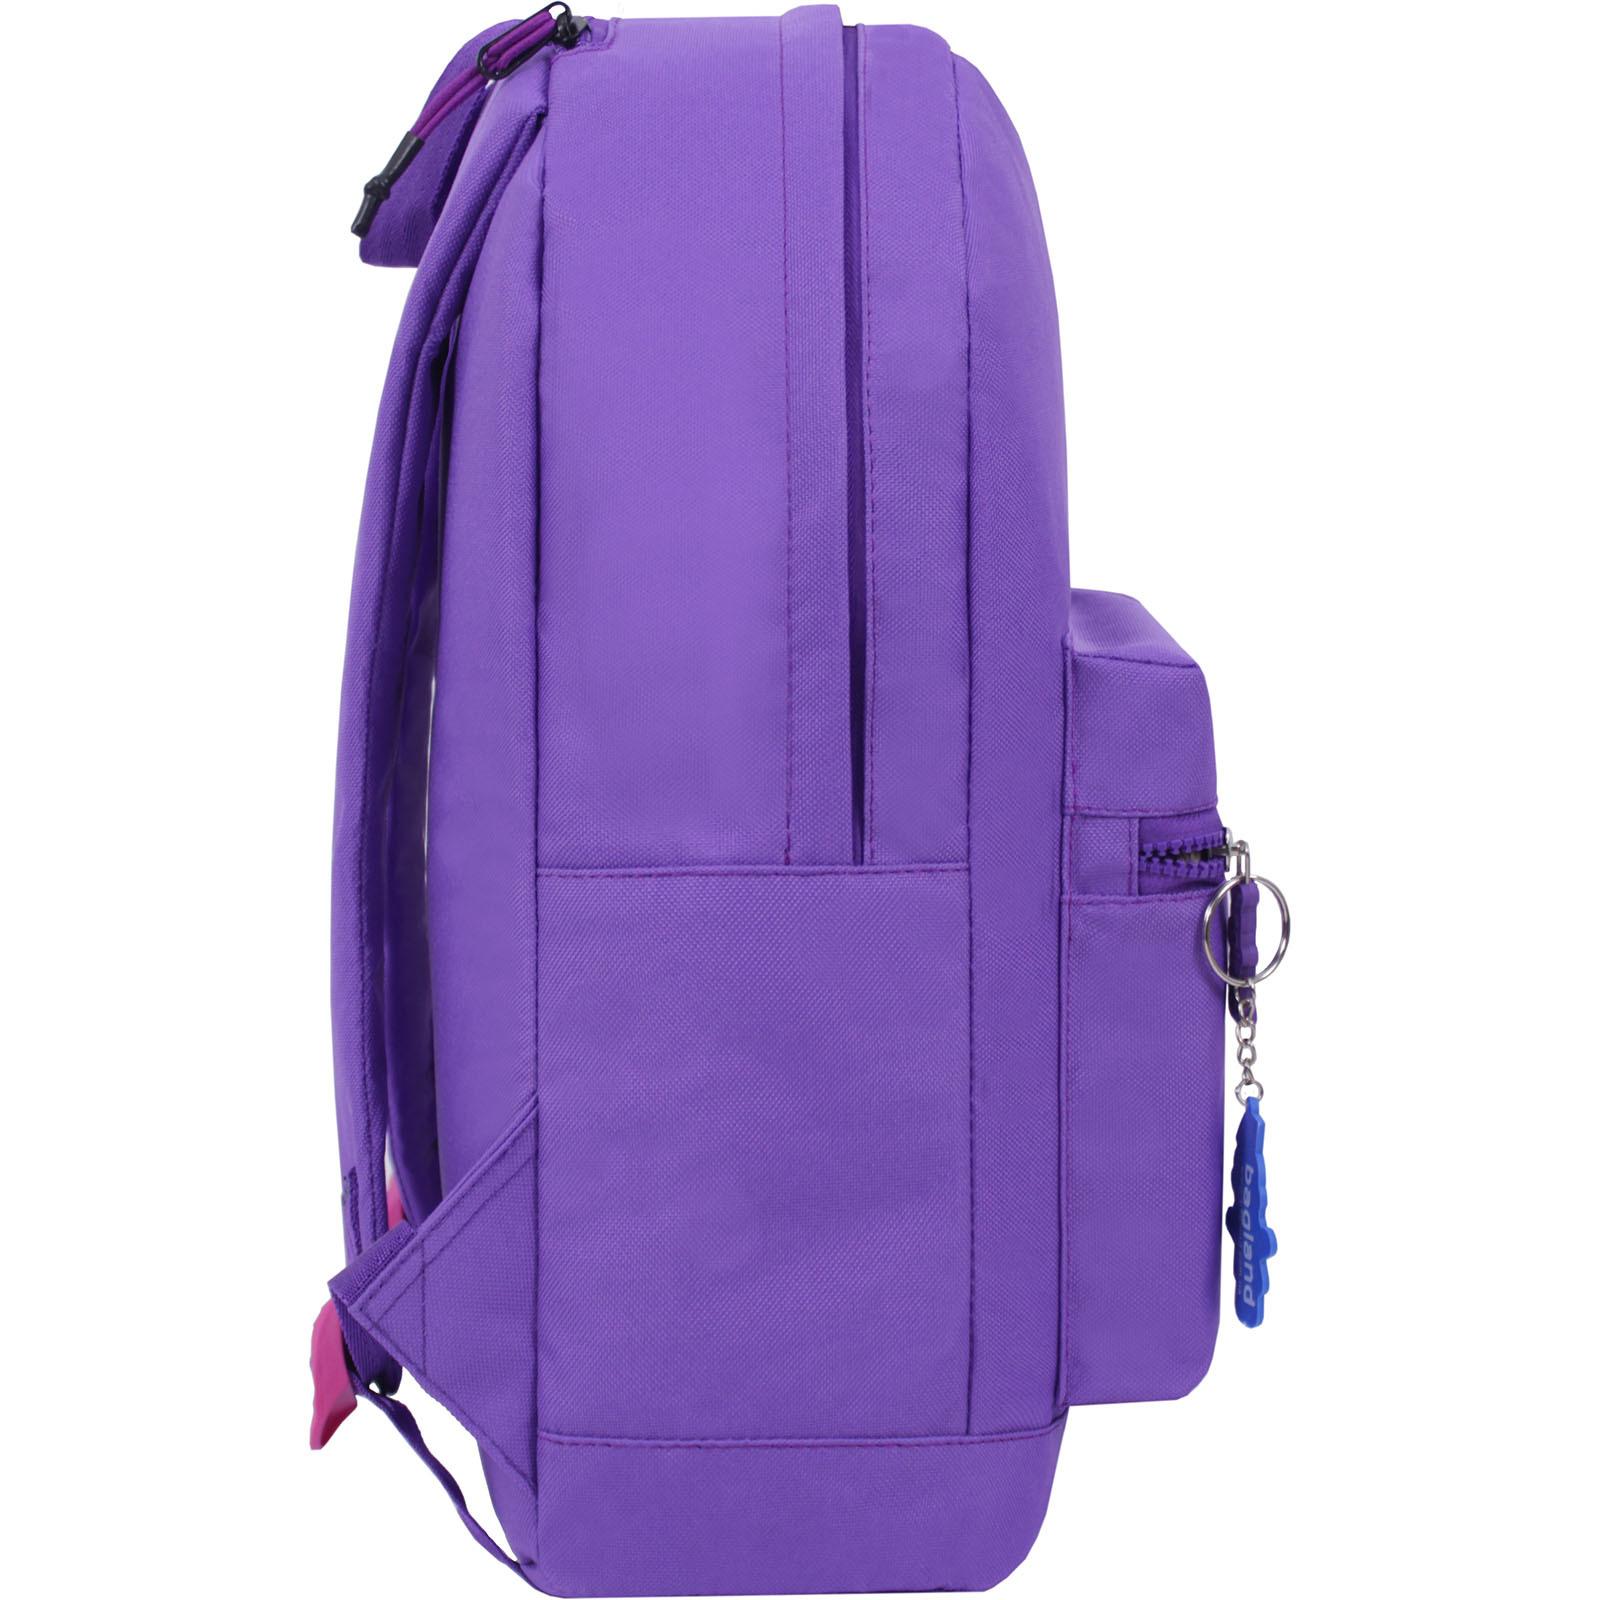 Рюкзак Bagland Hood W/R 17 л. фиолетовый 469 (0054466) фото 2